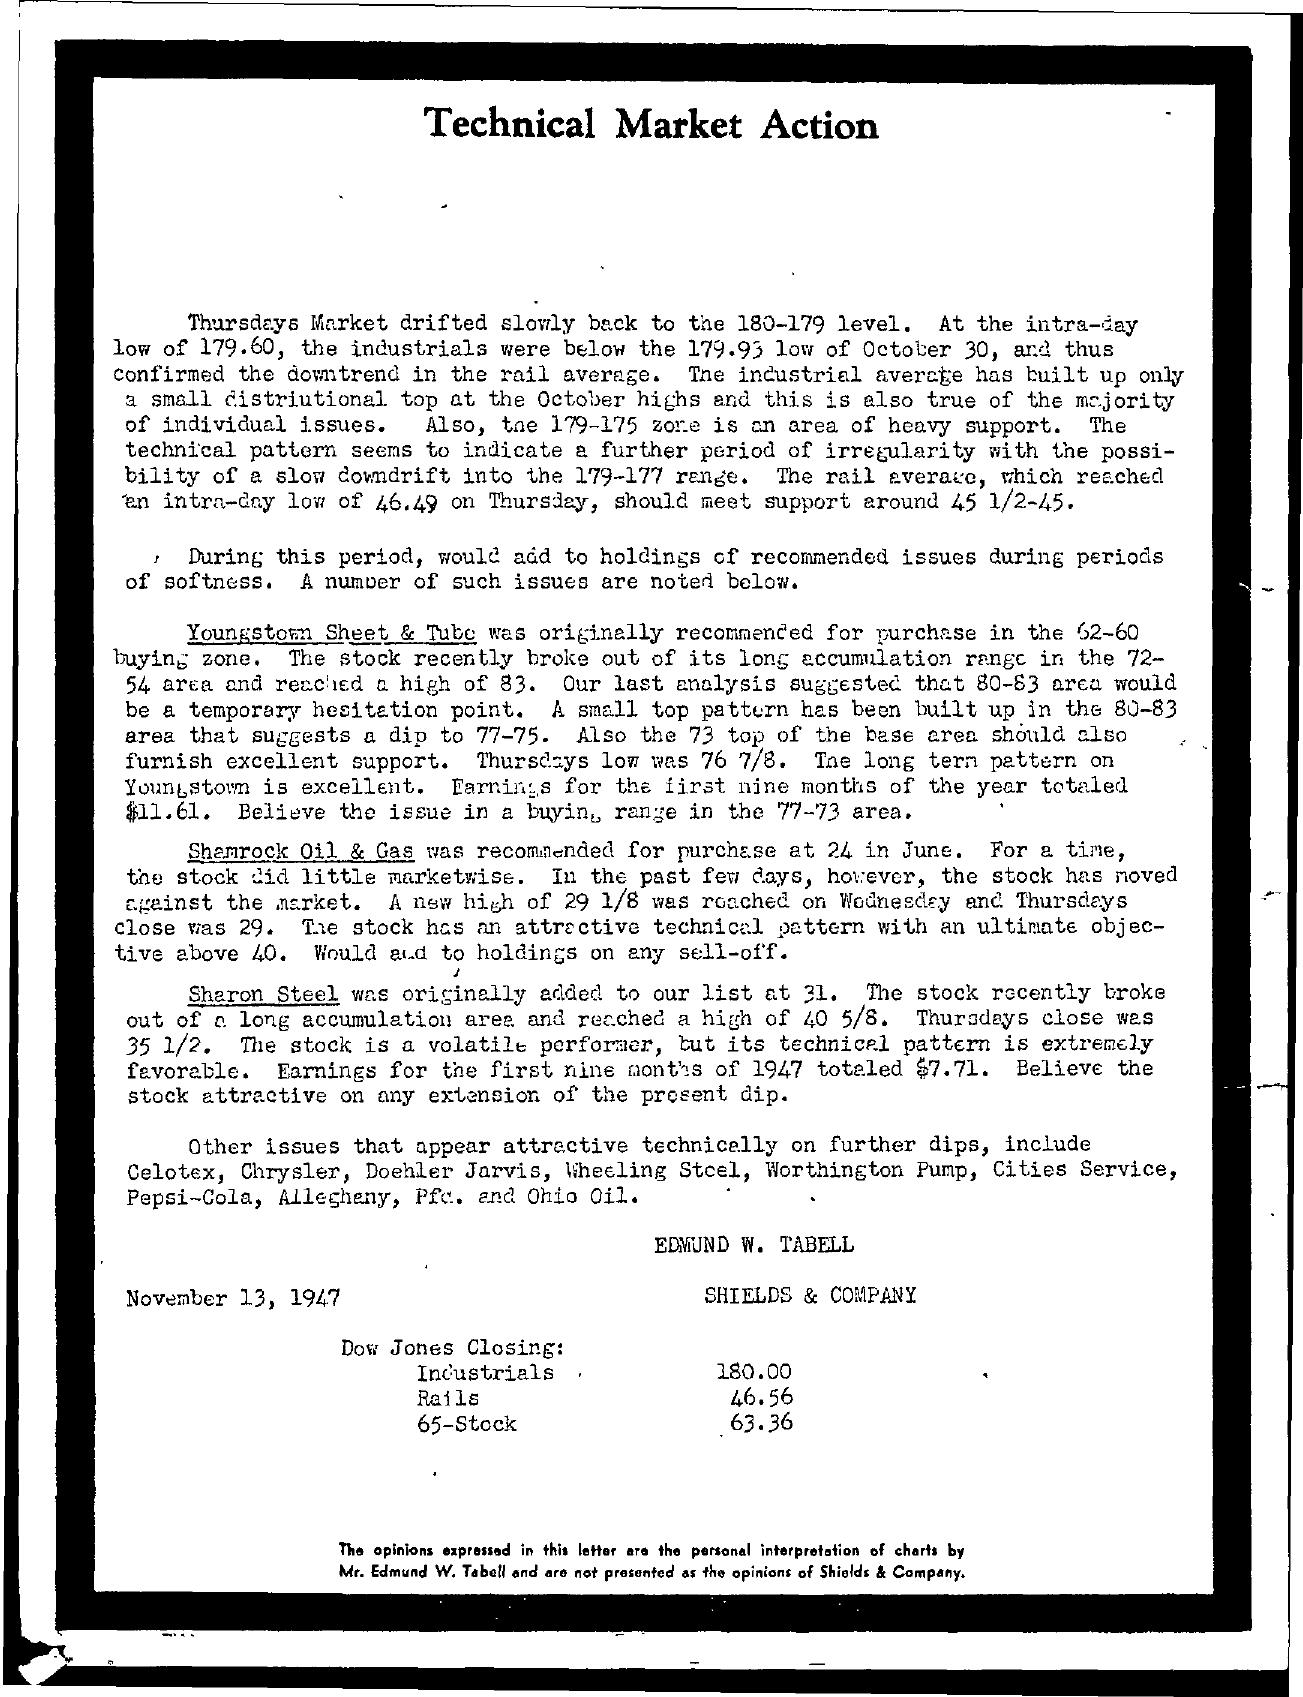 Tabell's Market Letter - November 13, 1947